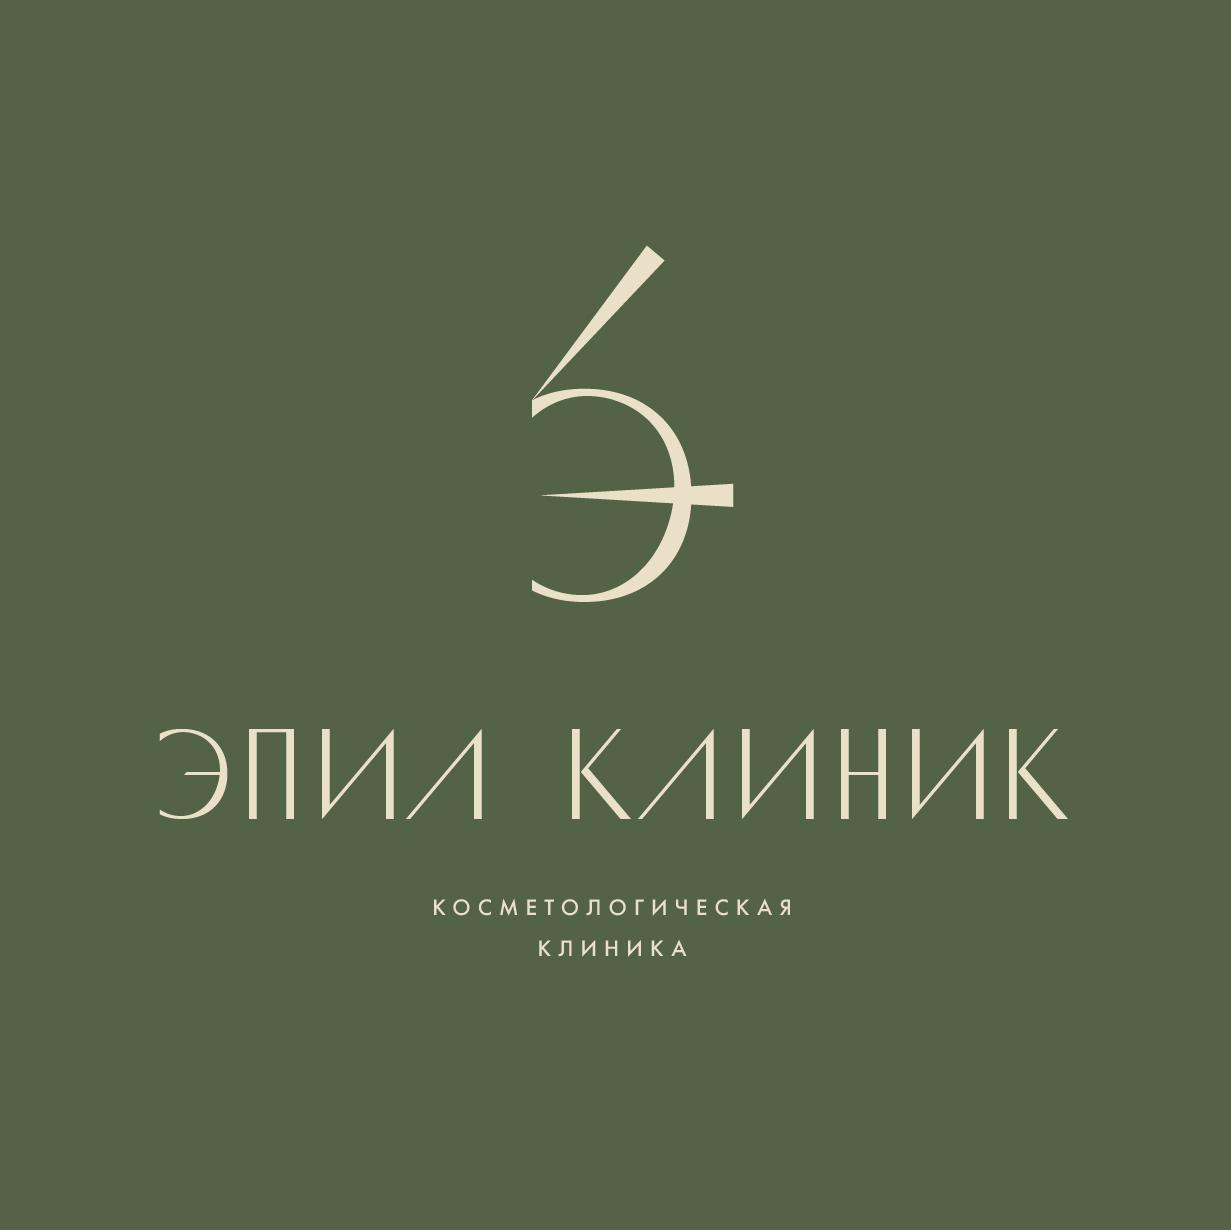 Логотип , фирменный стиль  фото f_0895e1e2af106e3c.jpg